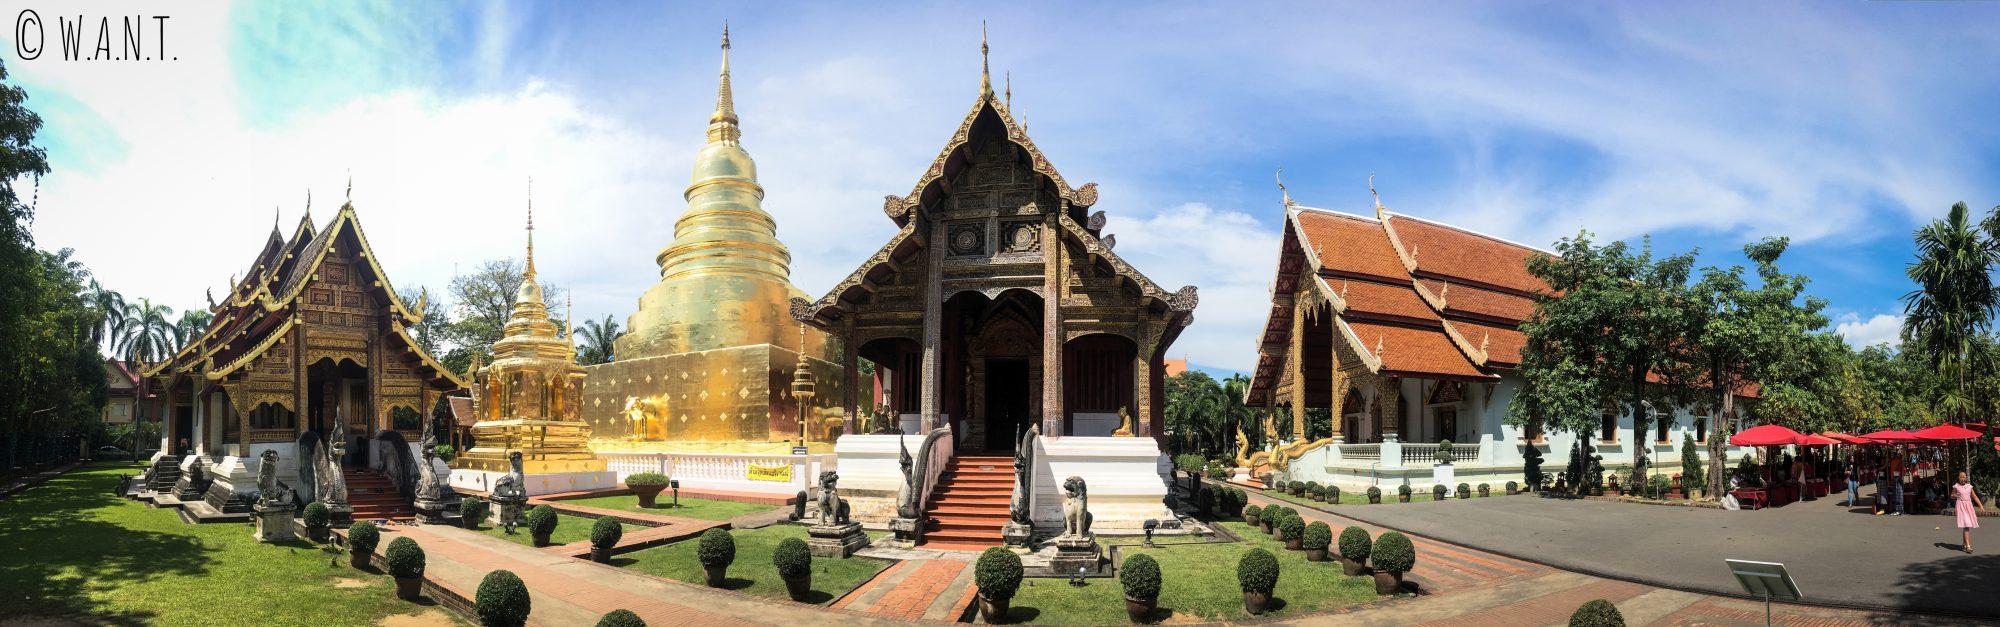 Panorama du Wat Phra Singh de Chiang Mai